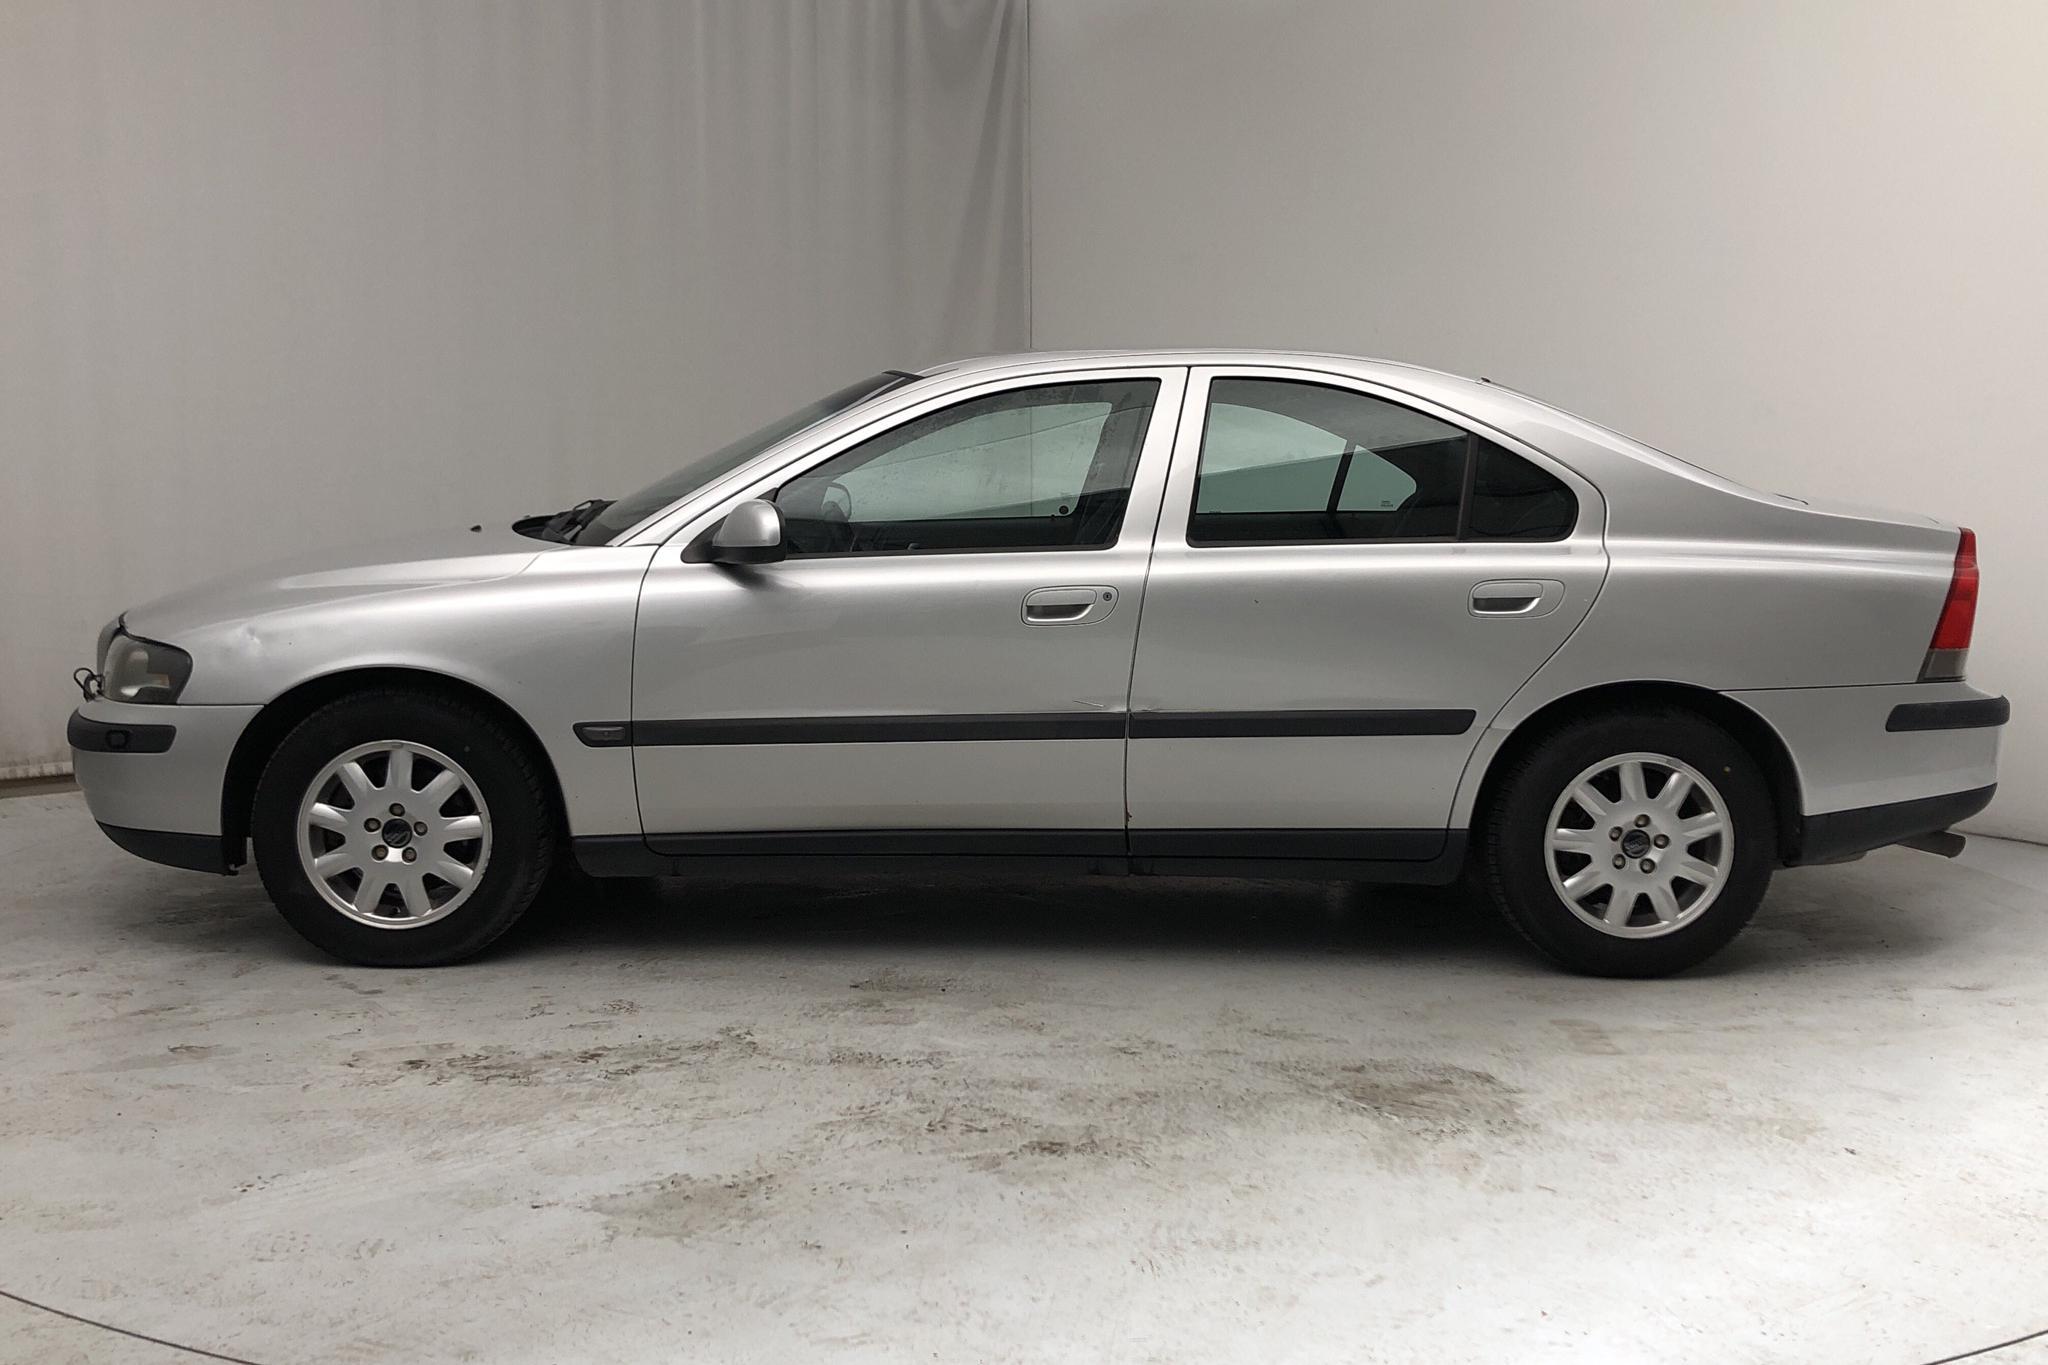 Volvo S60 2.4 (140hk) - 456 630 km - Manual - Light Grey - 2002